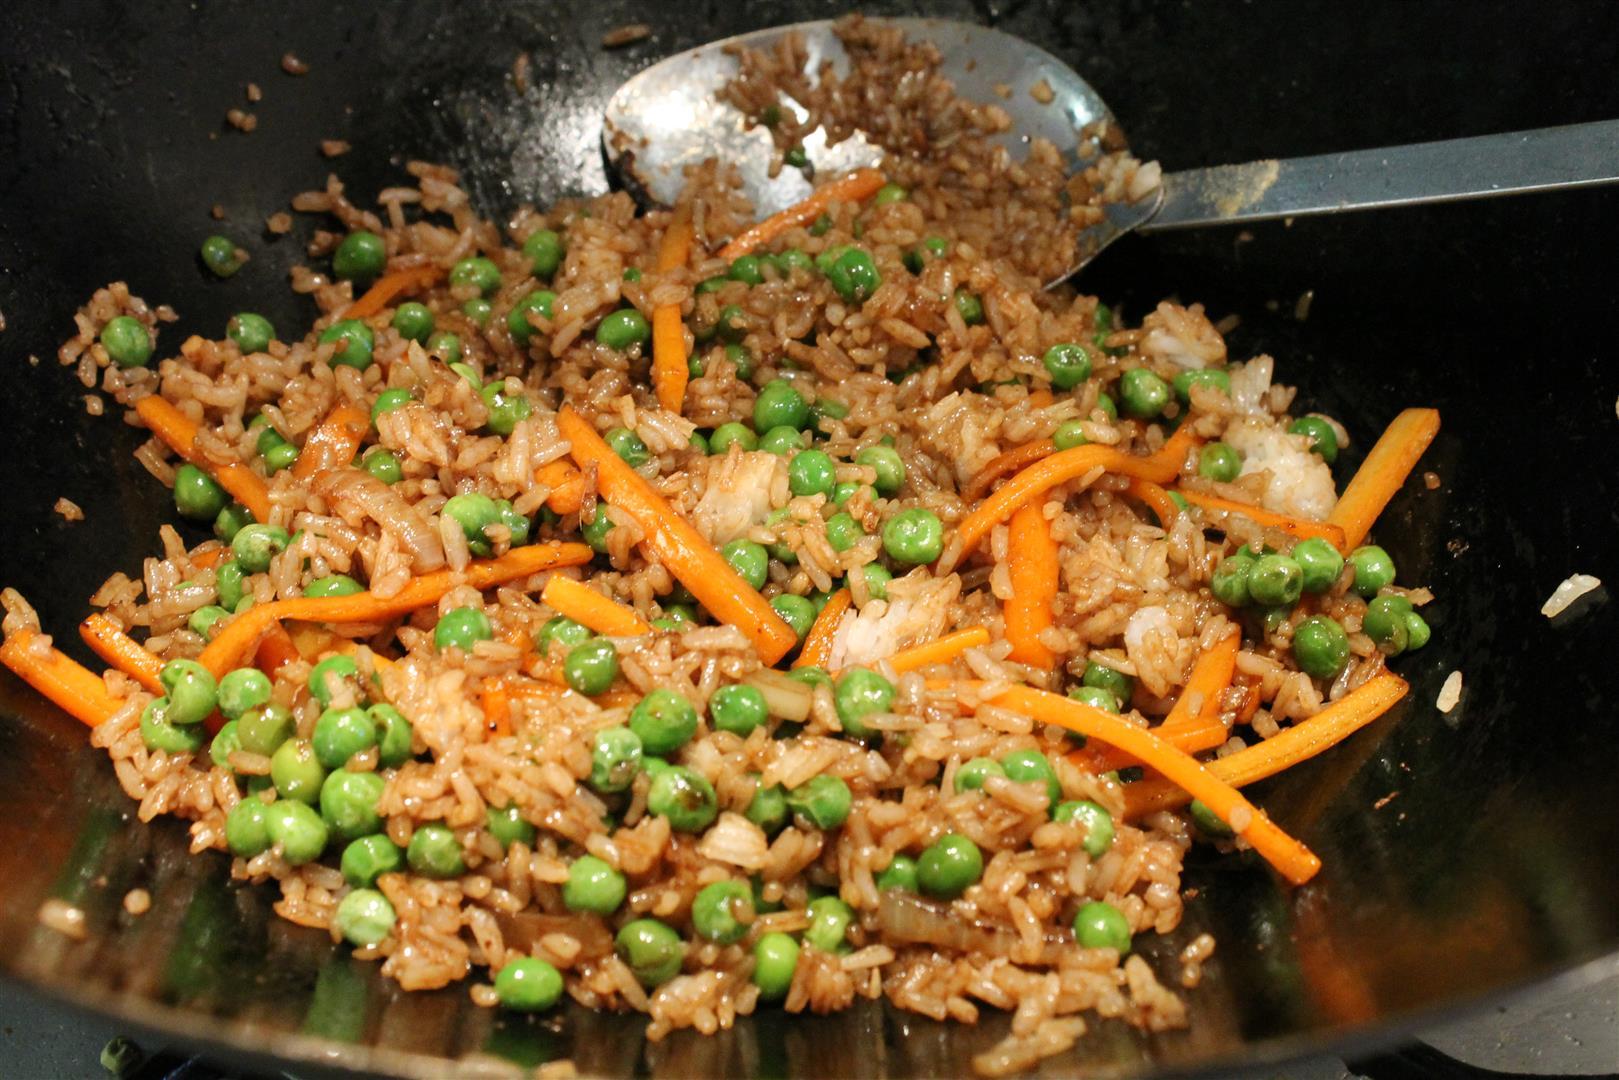 Zöldséges rizs elkészítése